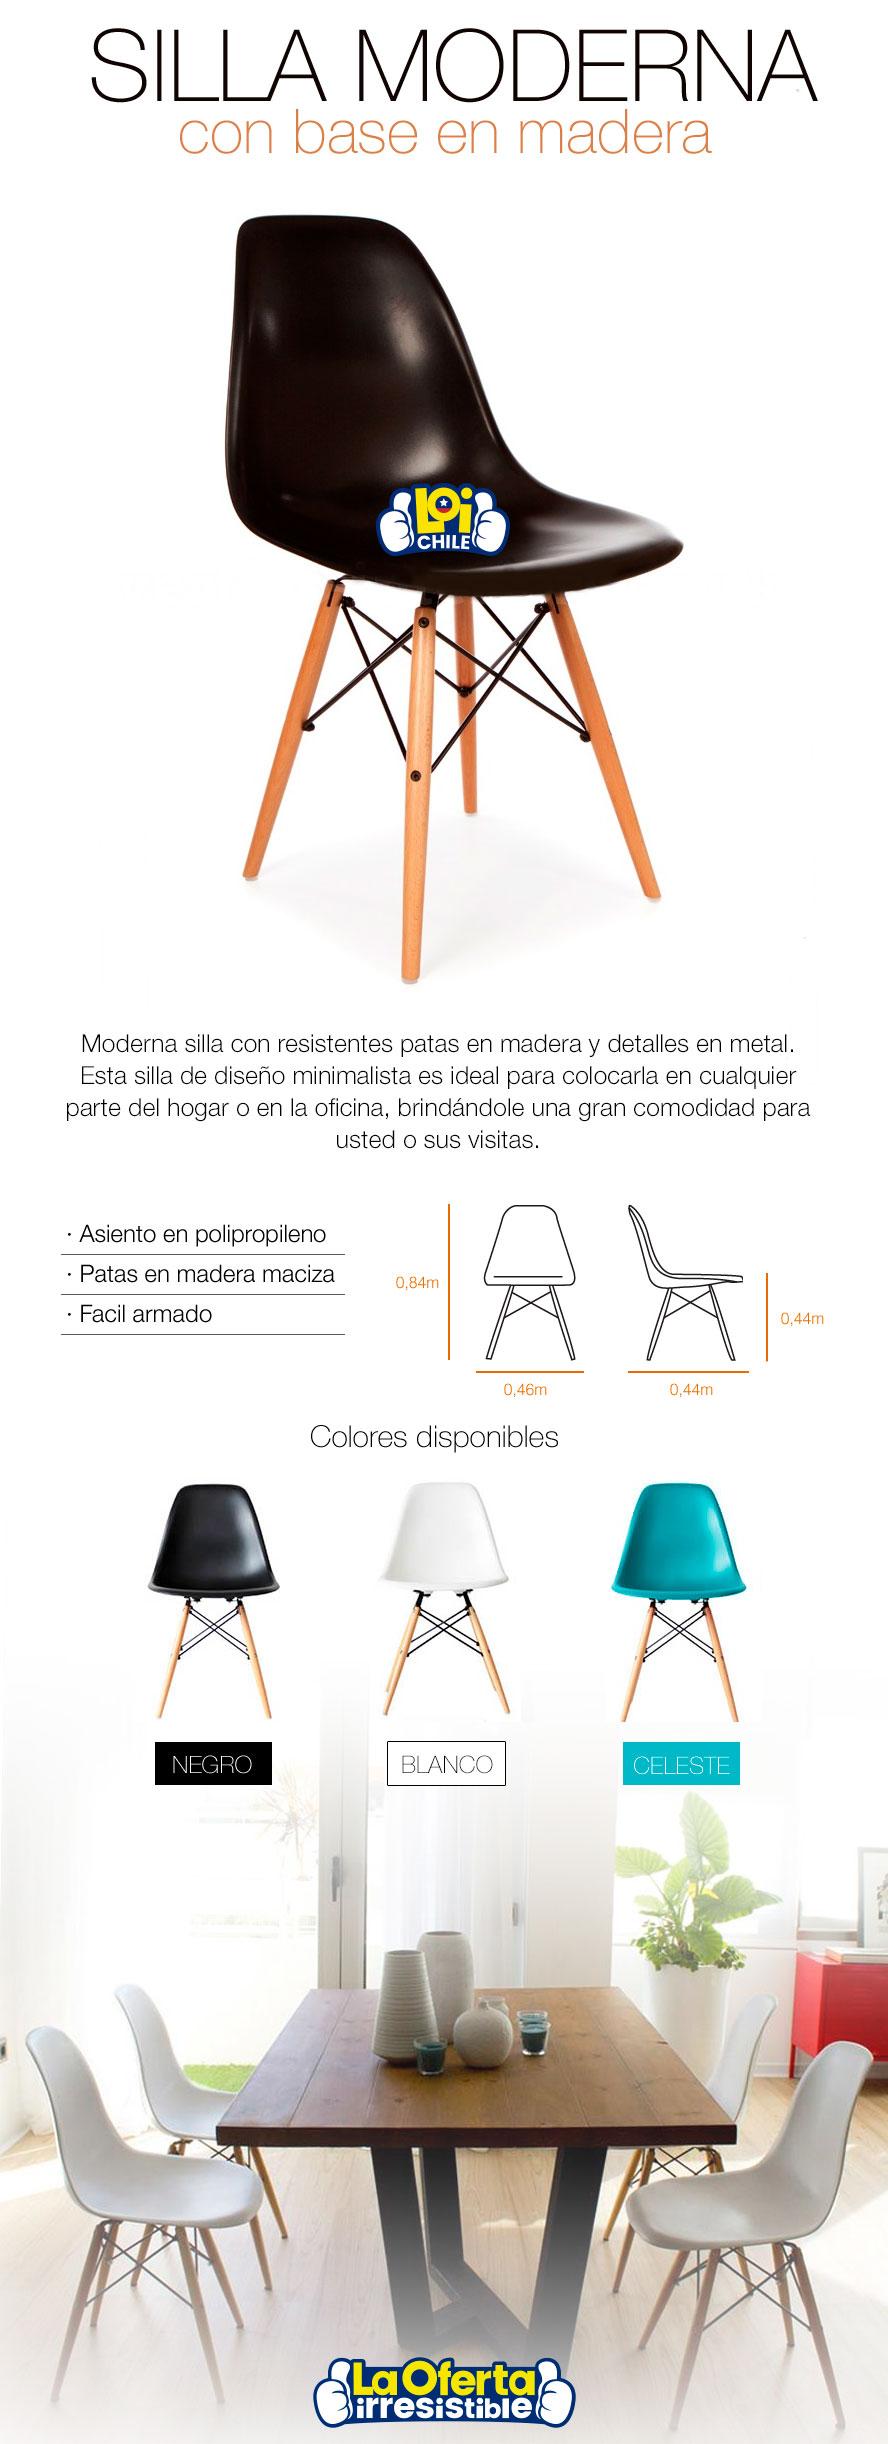 Set de 4 sillas de dise o eames en color blanco oferta loi for Sillas de diseno chile